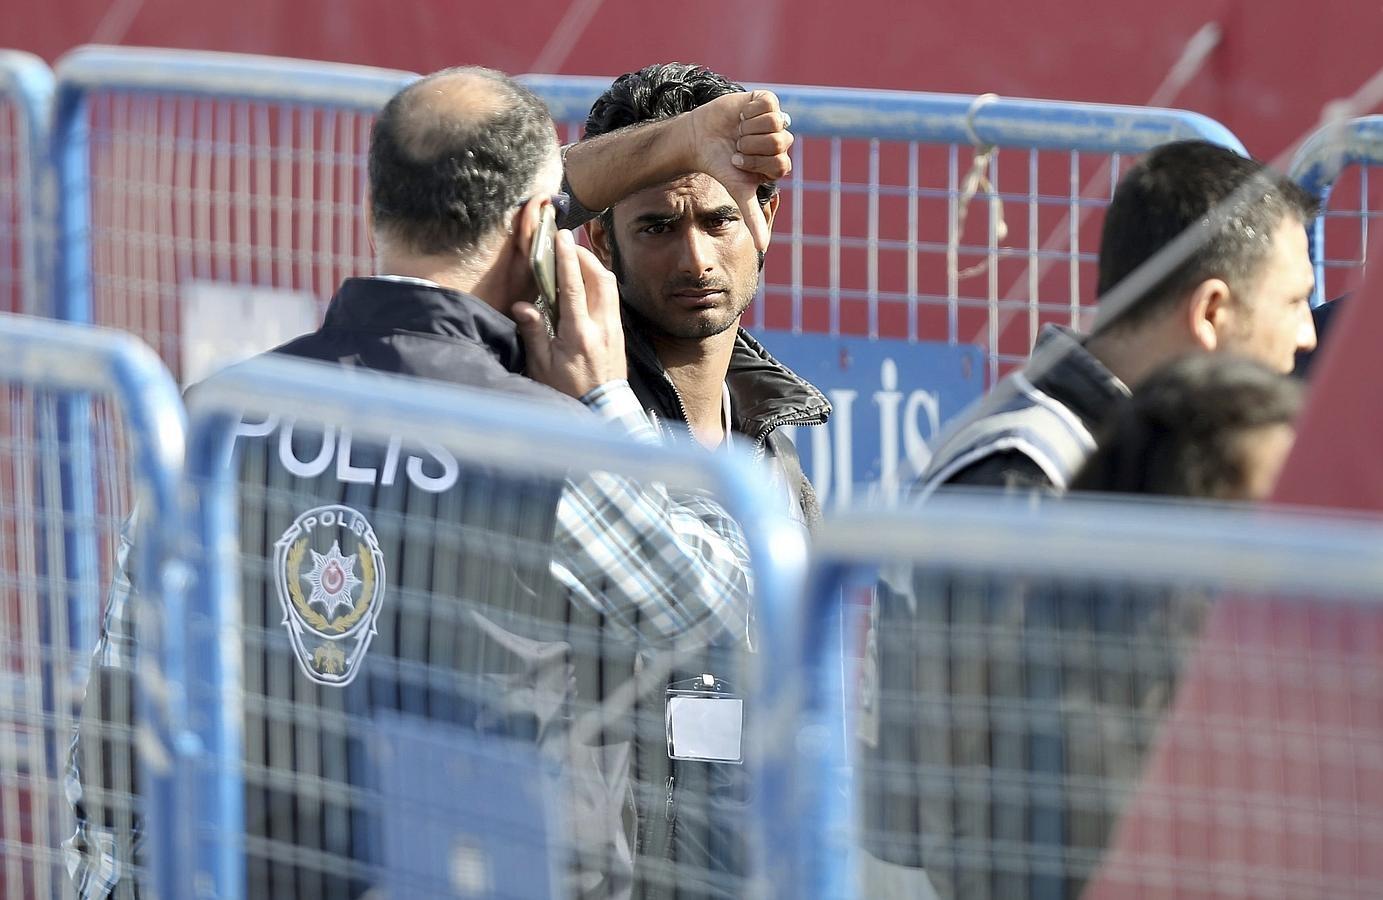 En imágenes: Los refugiados comienzan a ser deportados a Turquía